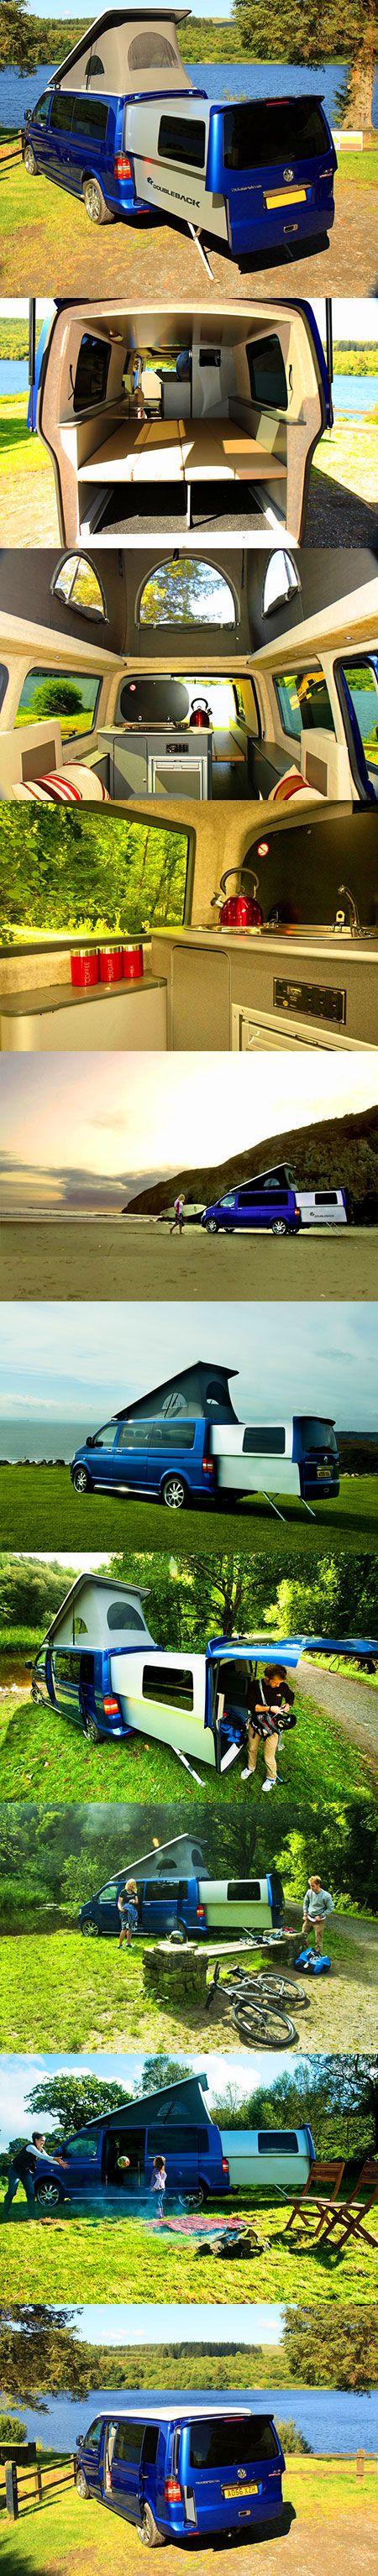 Volkswagen Doubleback T5 - Camperplaats IndeVerte Stellplatz